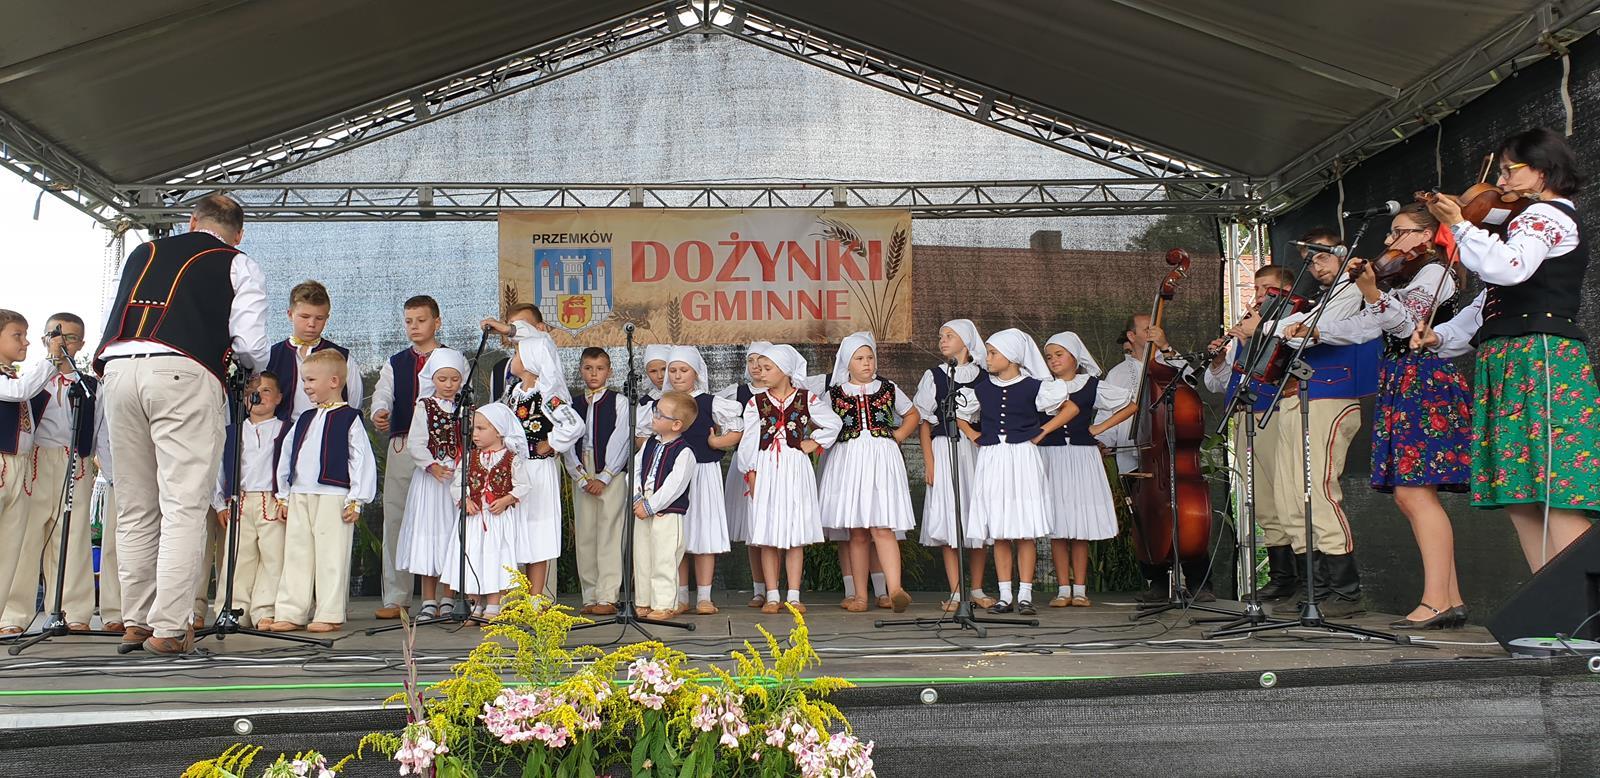 Łastiwczata na Dożynkach Gminnych w Jędrzychówku 25.08.2019